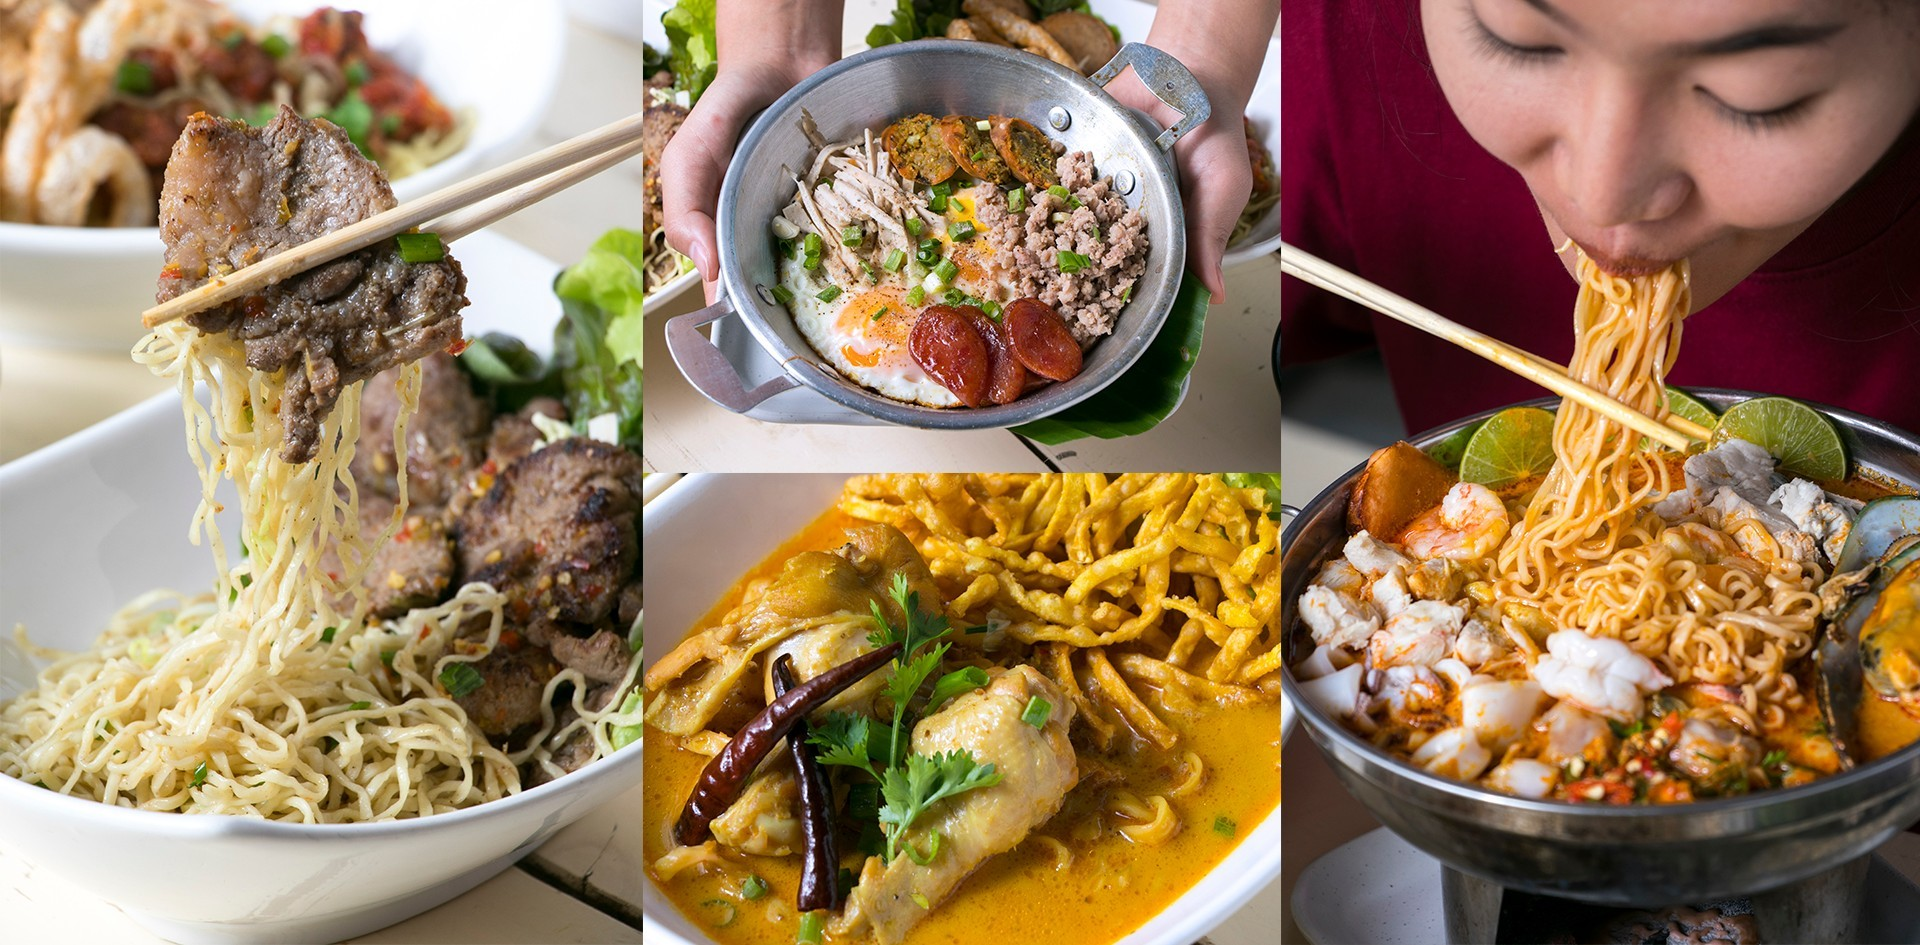 อิ่มประหยัดย่านนิมมานฯ กับอาหารกว่า 100 เมนู ที่ Zood Zood เชียงใหม่